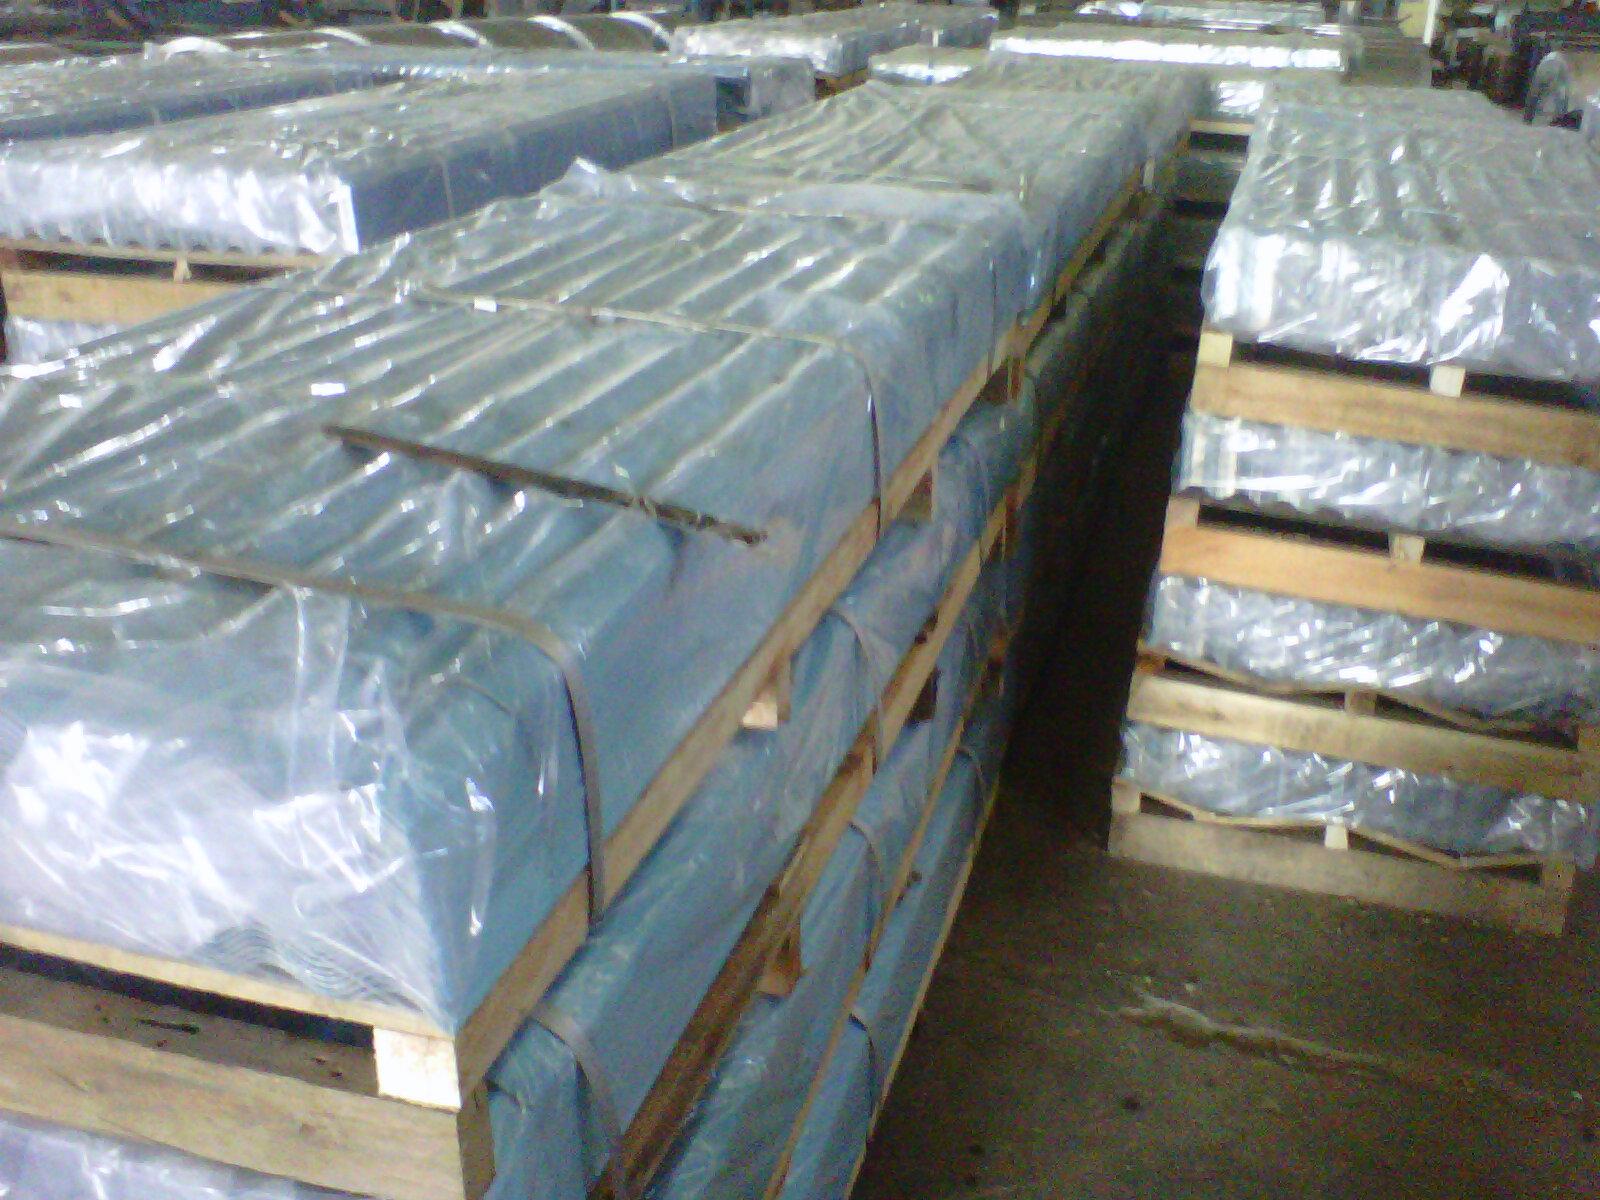 toko baja ringan cianjur jual berbagai macam atap mandiri tangerang bsd tigaraksa